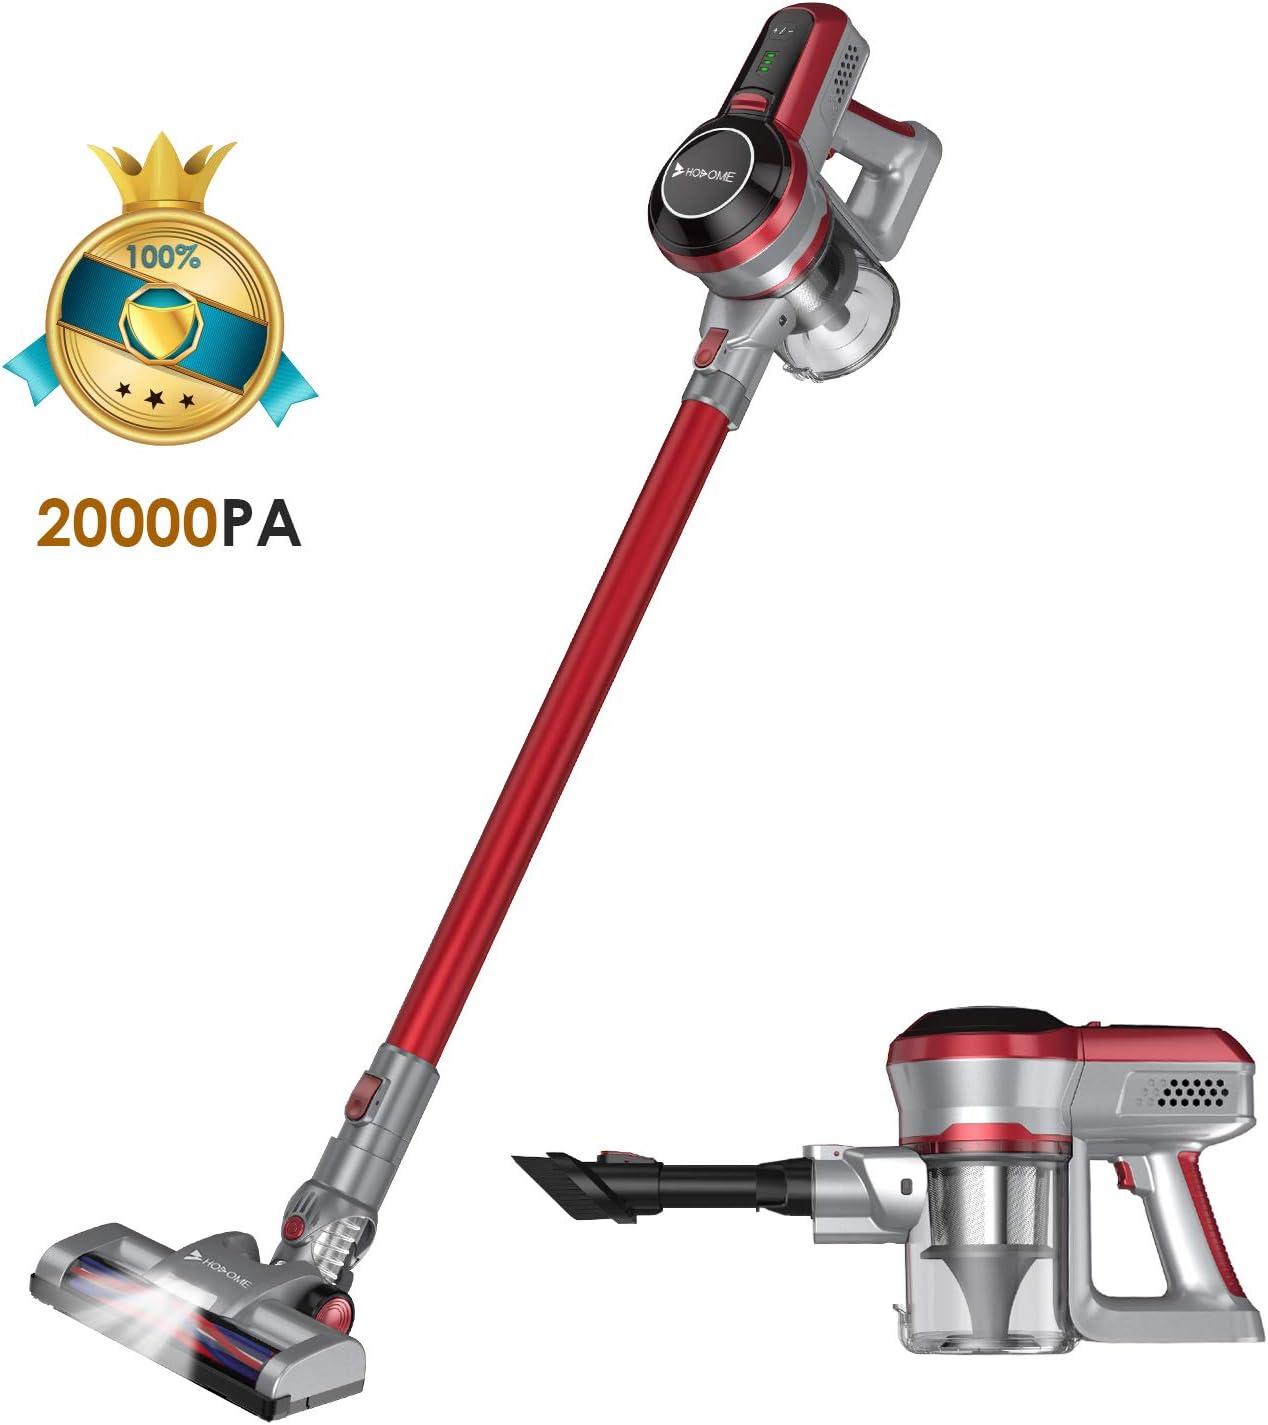 Hosome Aspiradora Hogar sin Cable 20000pa Aspirador de Mano 160W y Eficiente Sistema de Filtración 2200mAh para Pelos de Mascota Alfombra Piso y Autos